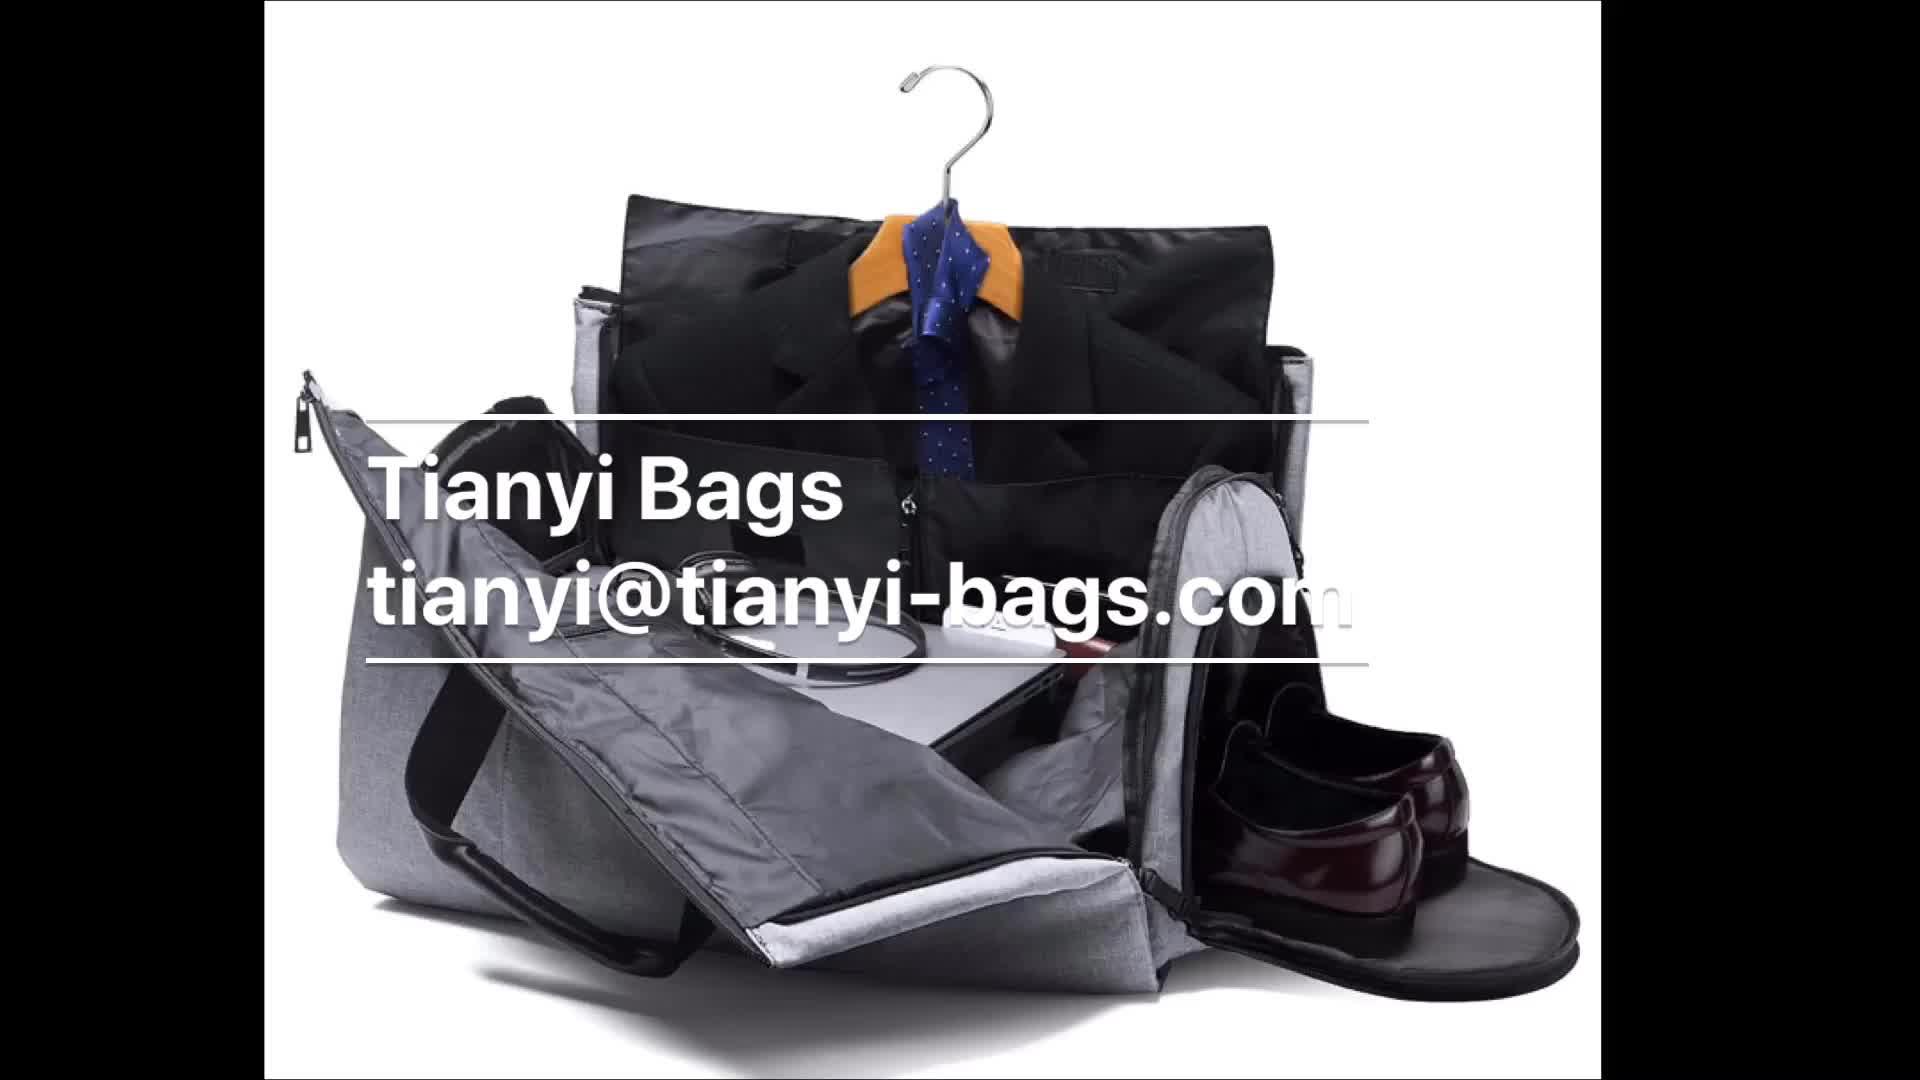 ขายส่งรถ duffel กระเป๋าเสื้อเสื้อผ้า tote ล่าสุดชุดกระเป๋าเดินทาง